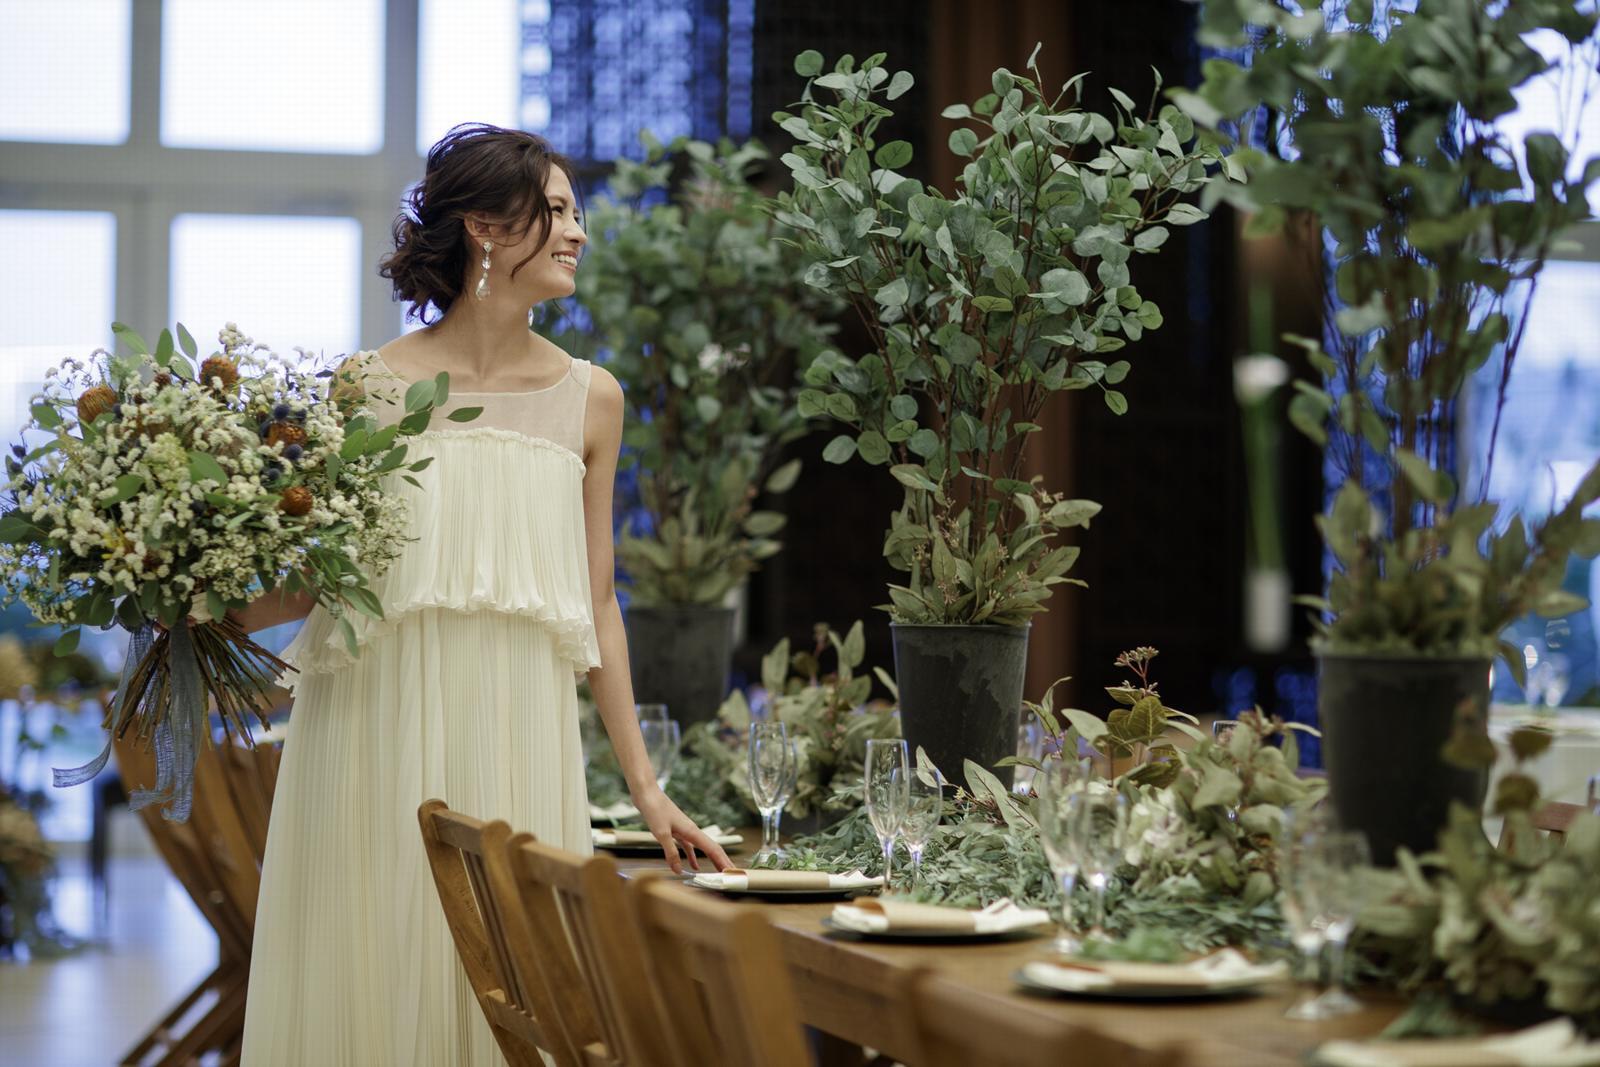 徳島県の結婚式場ブランアンジュのナチュラルなウエディングドレス